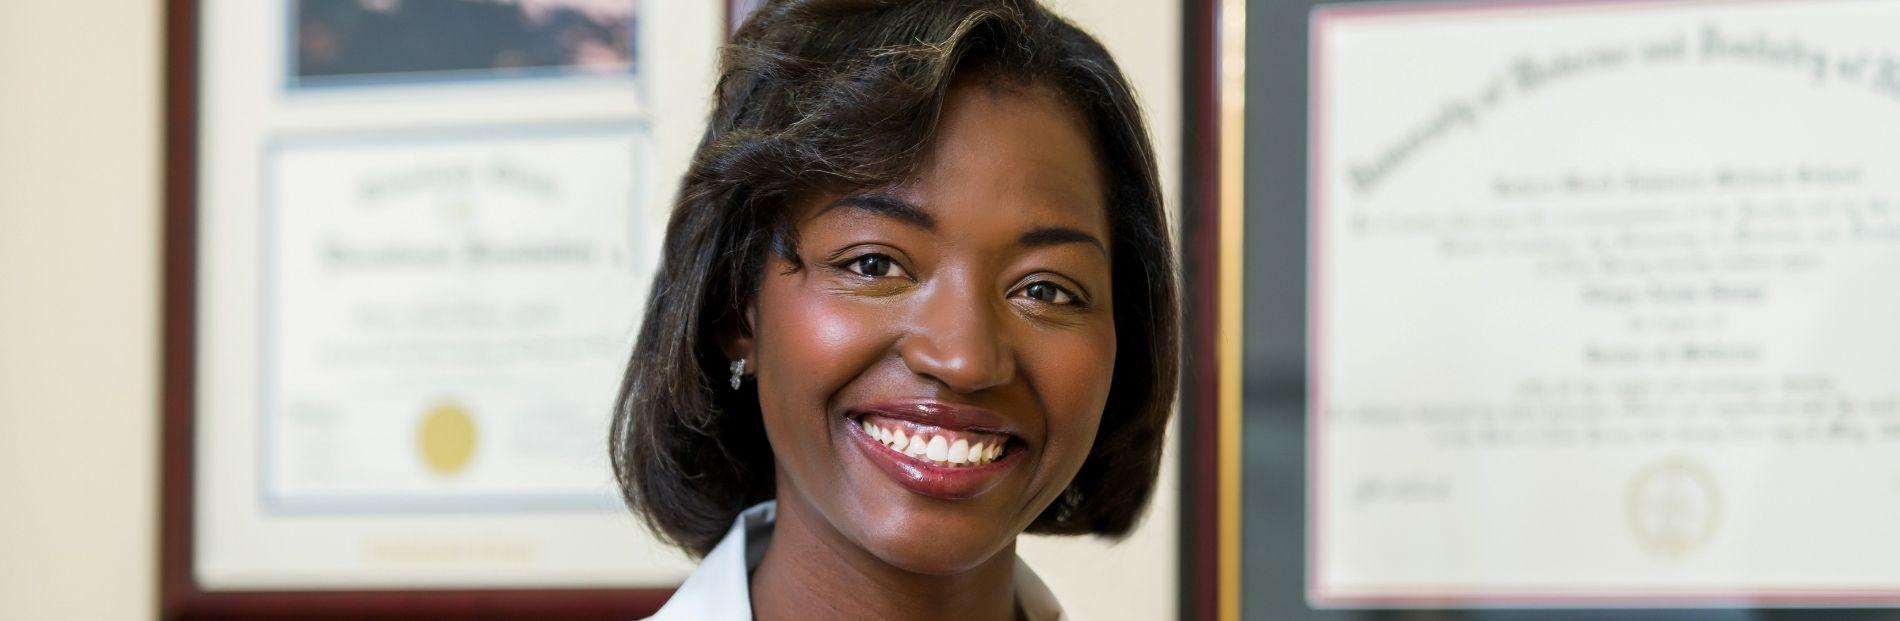 Ndeye-Aicha Gueye, MD fertility doctor